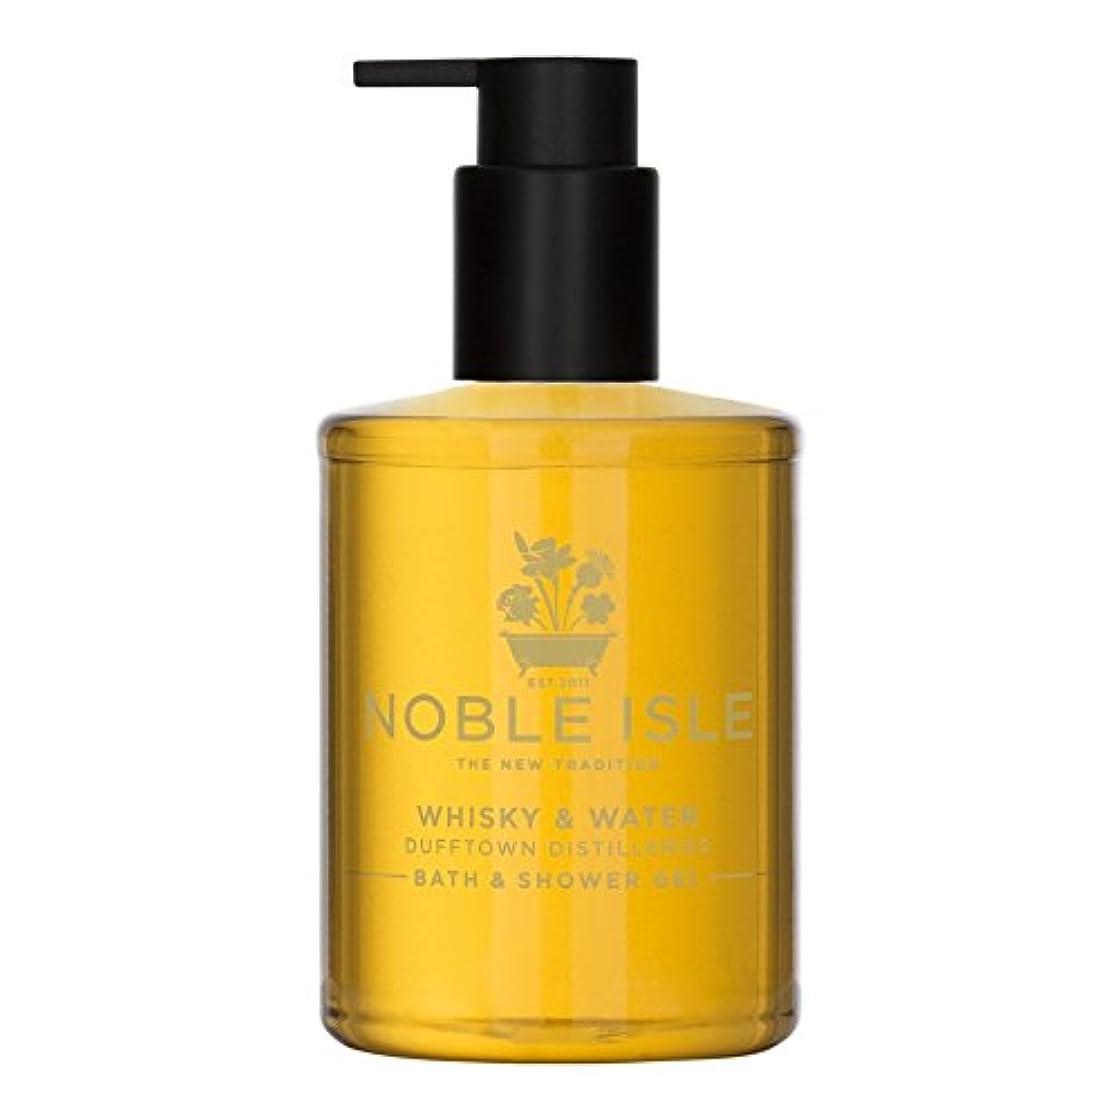 ハッピータッチ威信Noble Isle Whisky & Water Bath & Shower Gel 250ml - 高貴な島ウイスキー&ウォーターバス&シャワージェル250ミリリットル [並行輸入品]